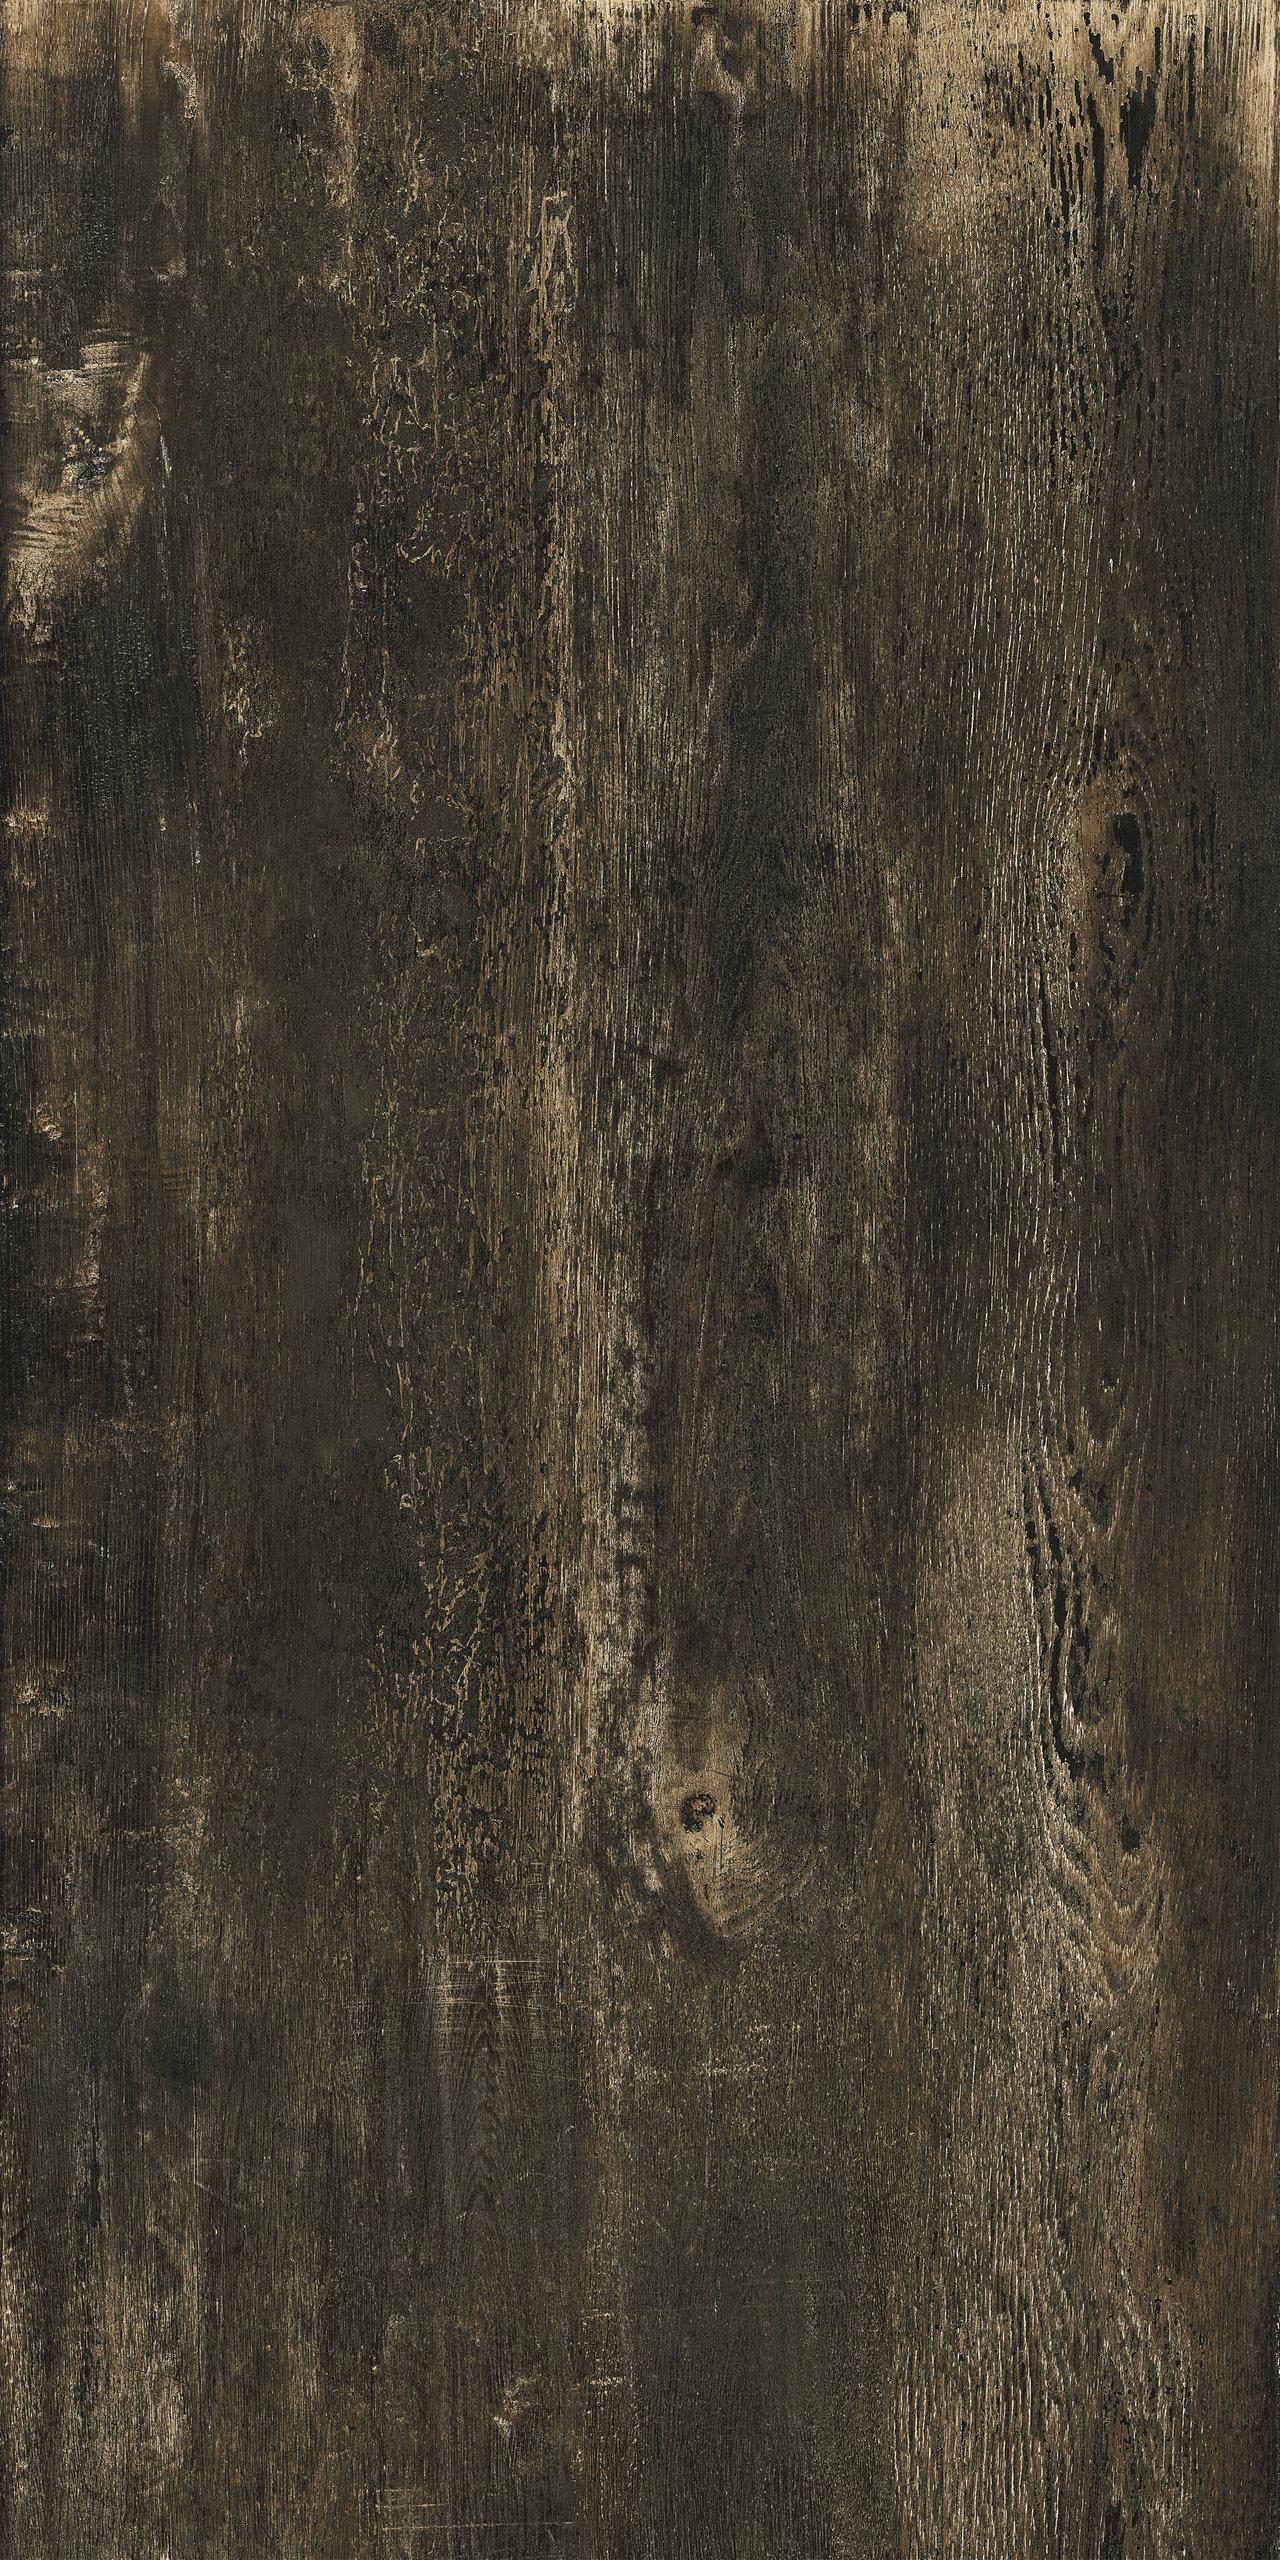 Infinite Wood sp iw aged mahogany nat 4812 f1 USG1248218